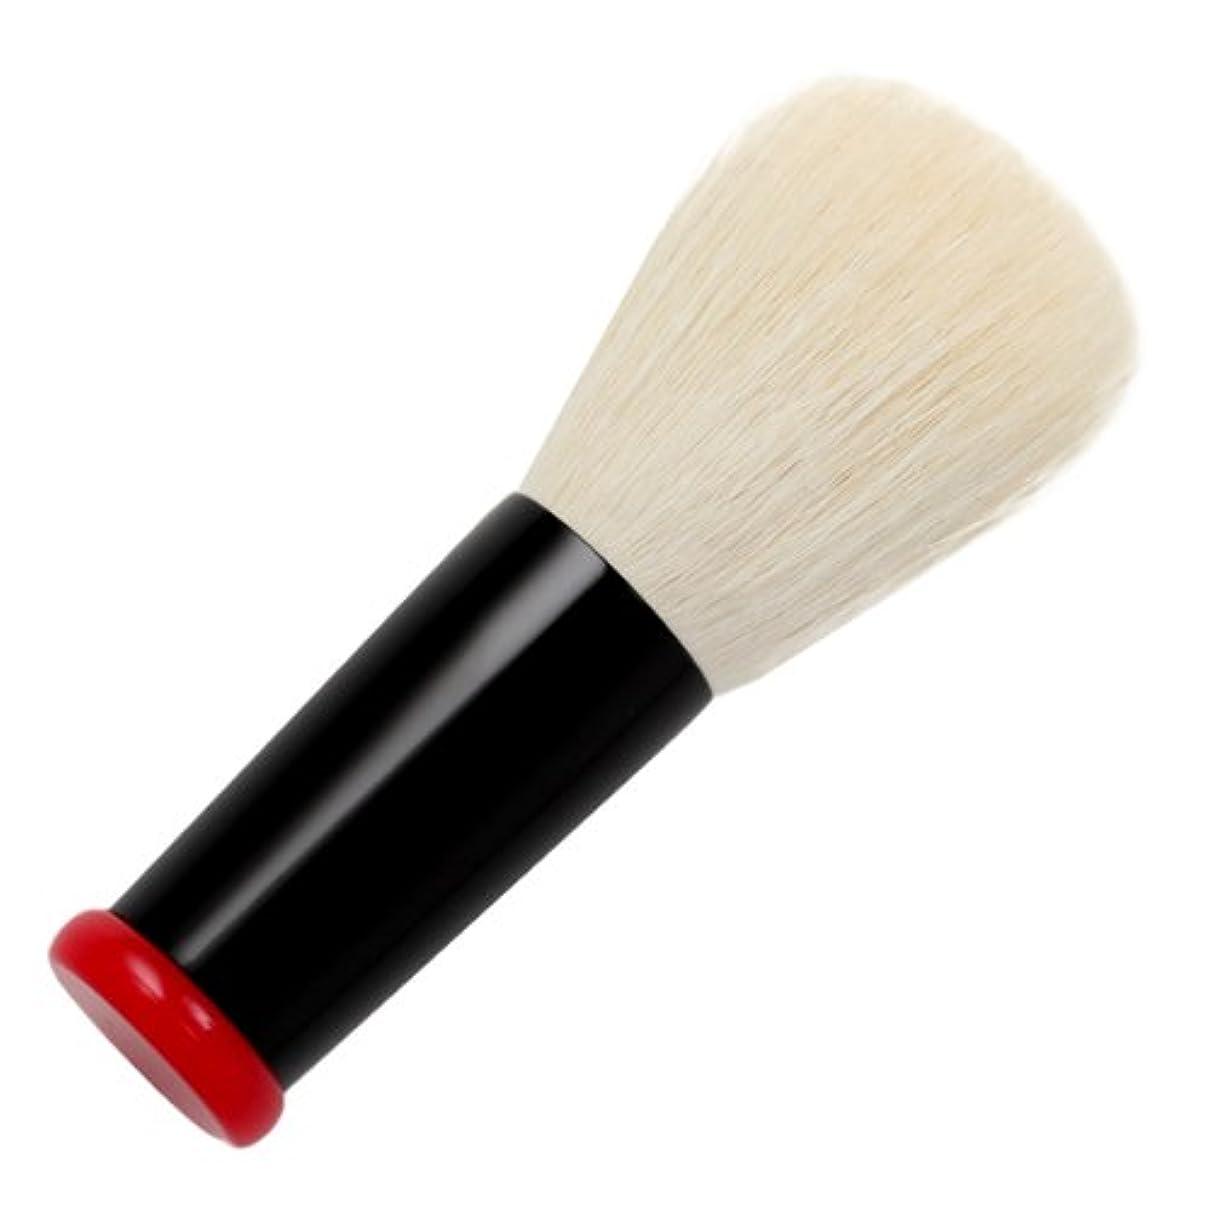 健康骨折記述する広島熊野筆 フォーミング&洗顔ブラシ 毛質 極細ヤギ